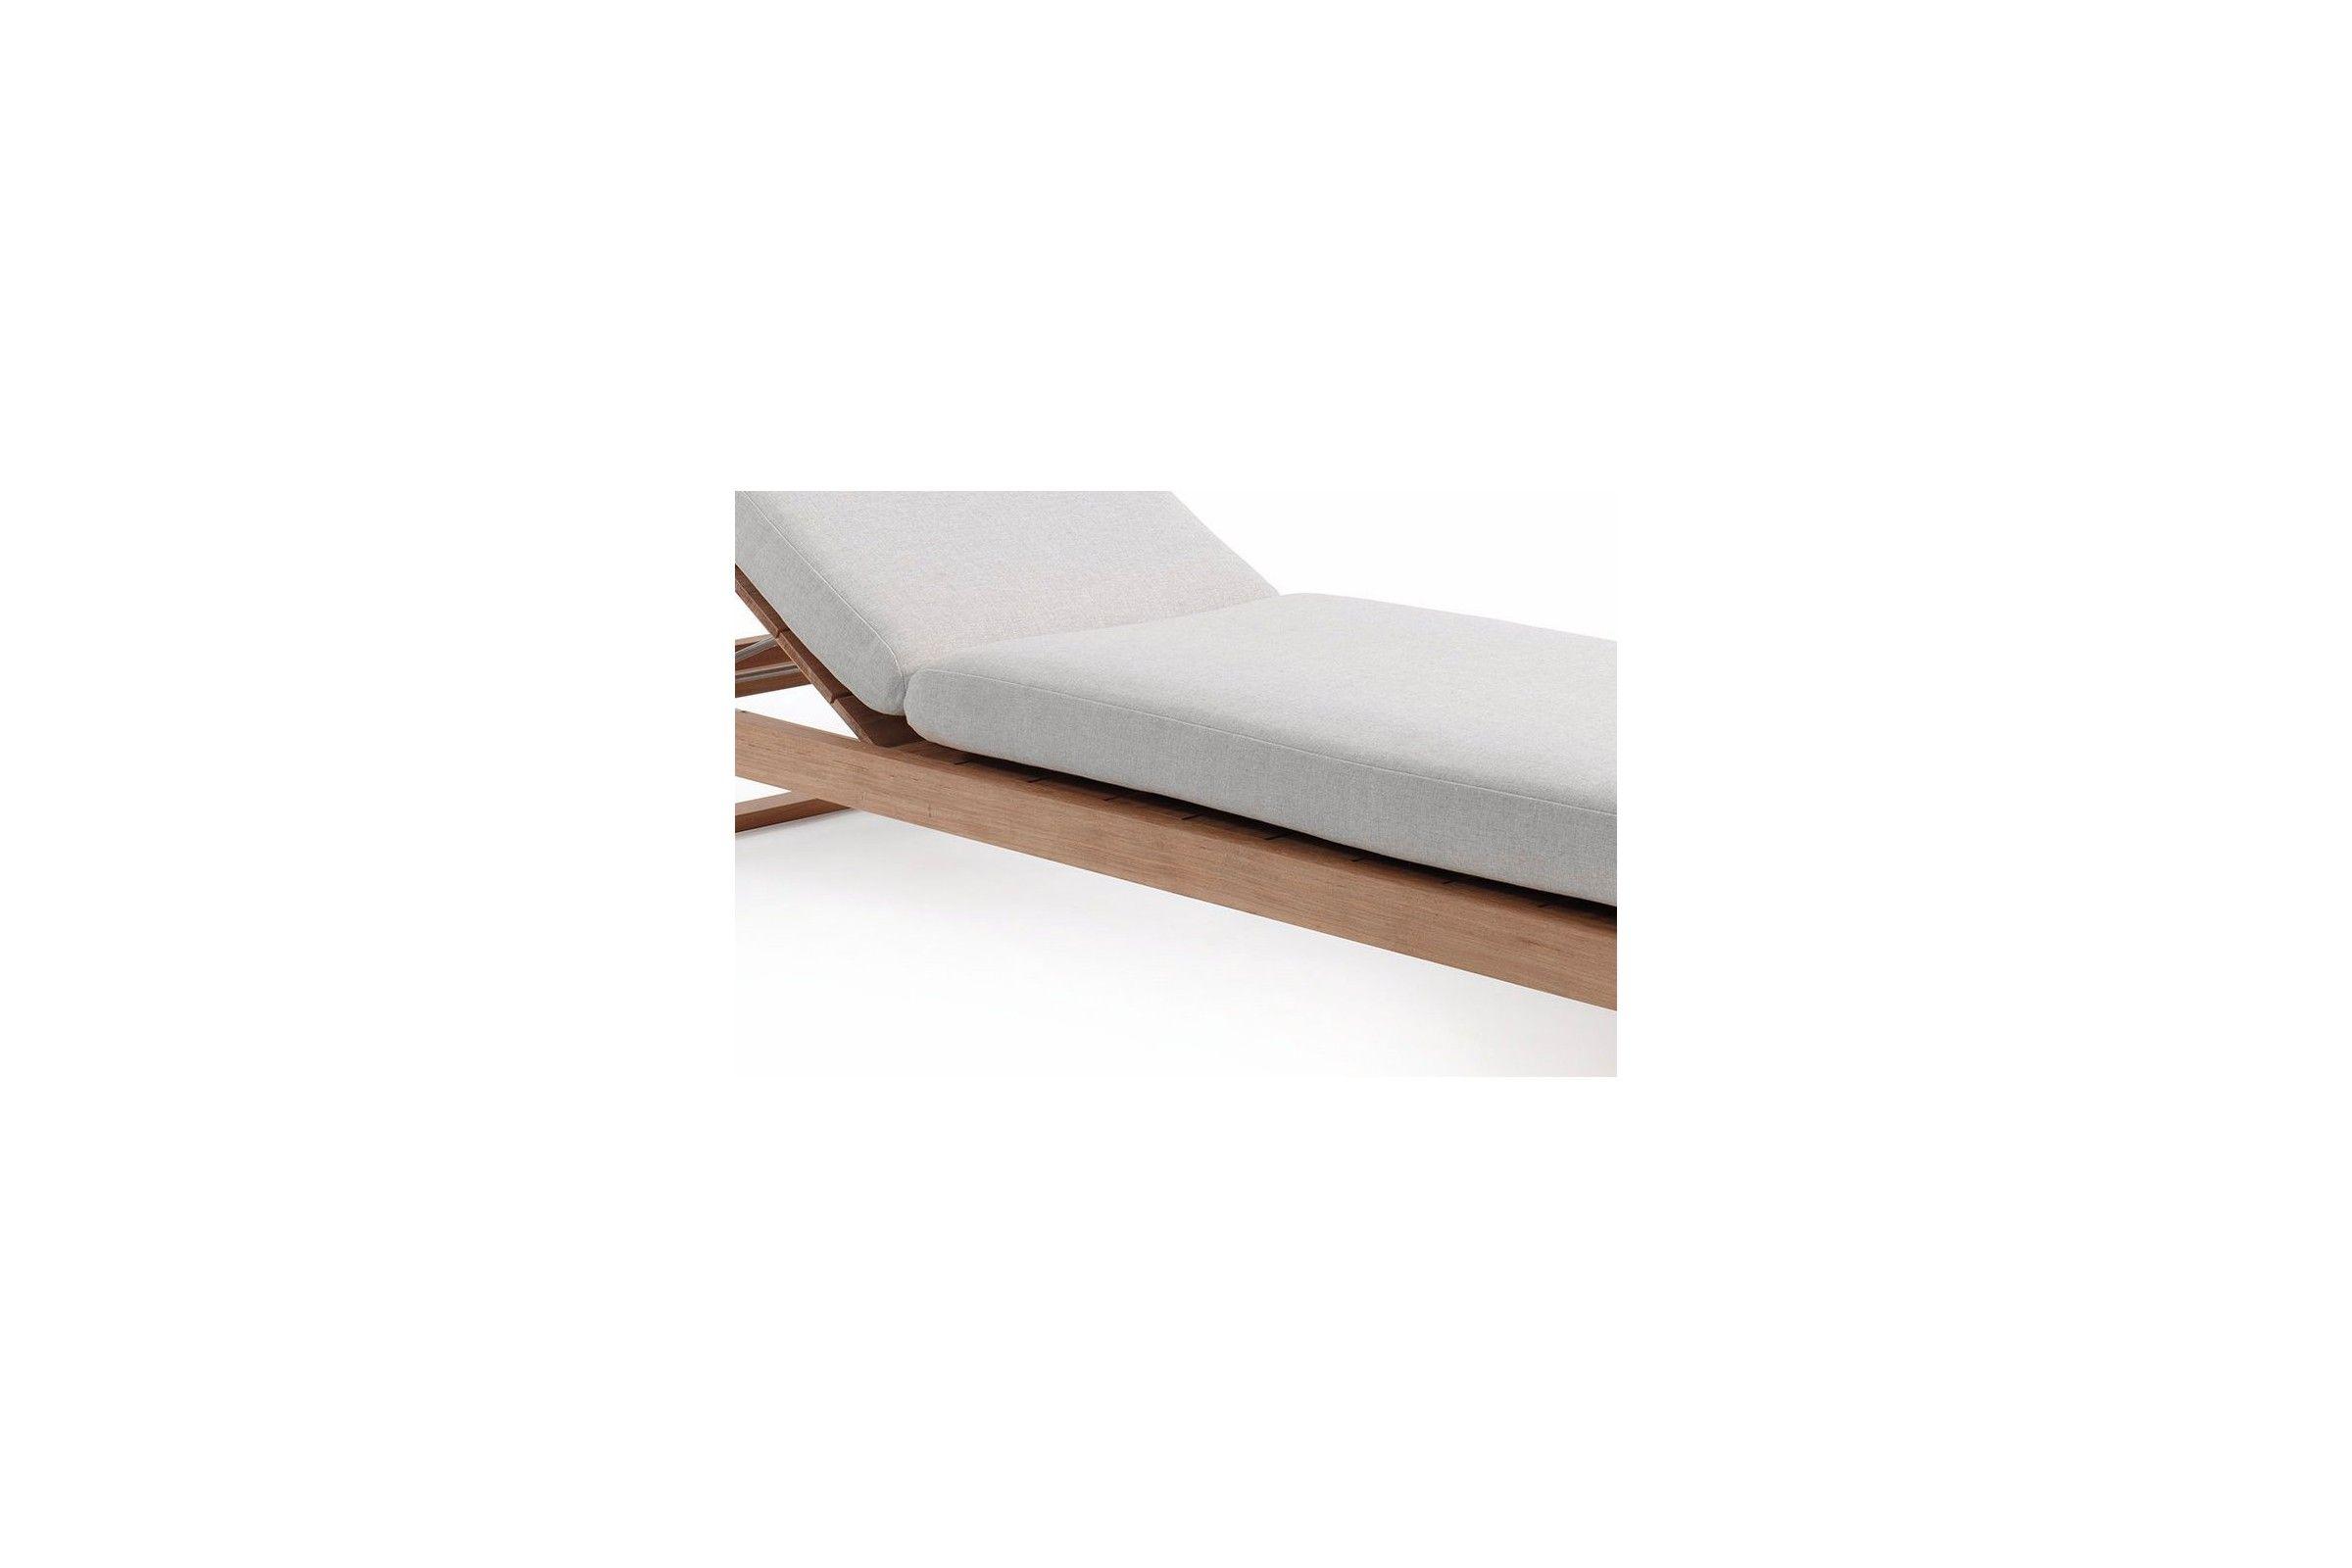 lit bain de soleil en teck avec un pais coussin. Black Bedroom Furniture Sets. Home Design Ideas